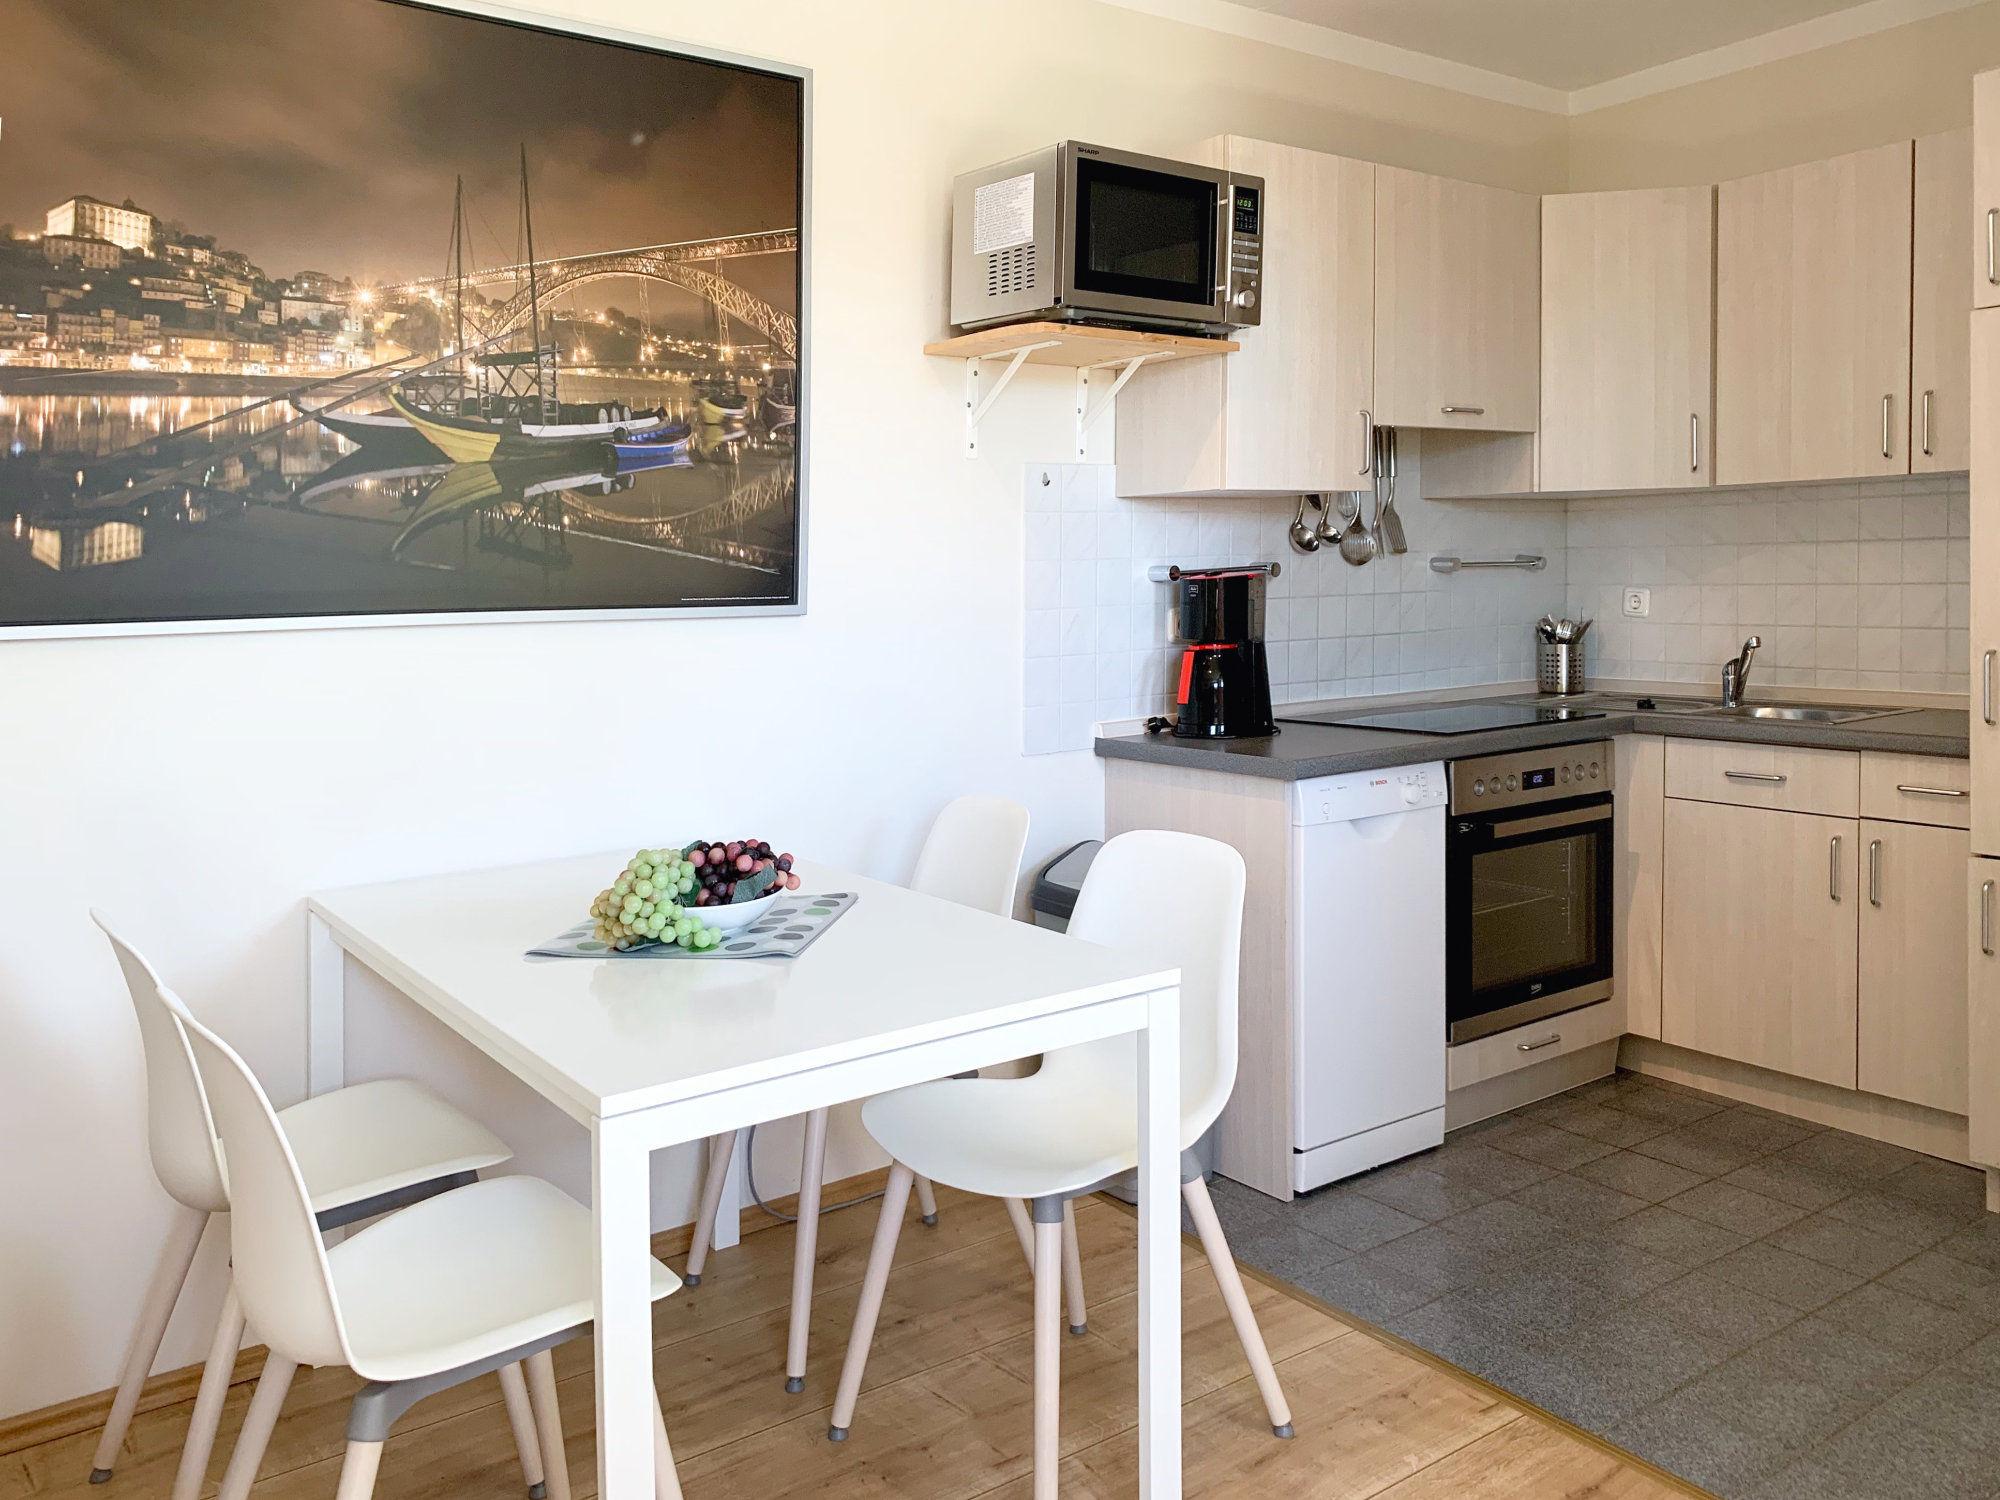 Esstisch mit Stühlen und Küche im L-Format